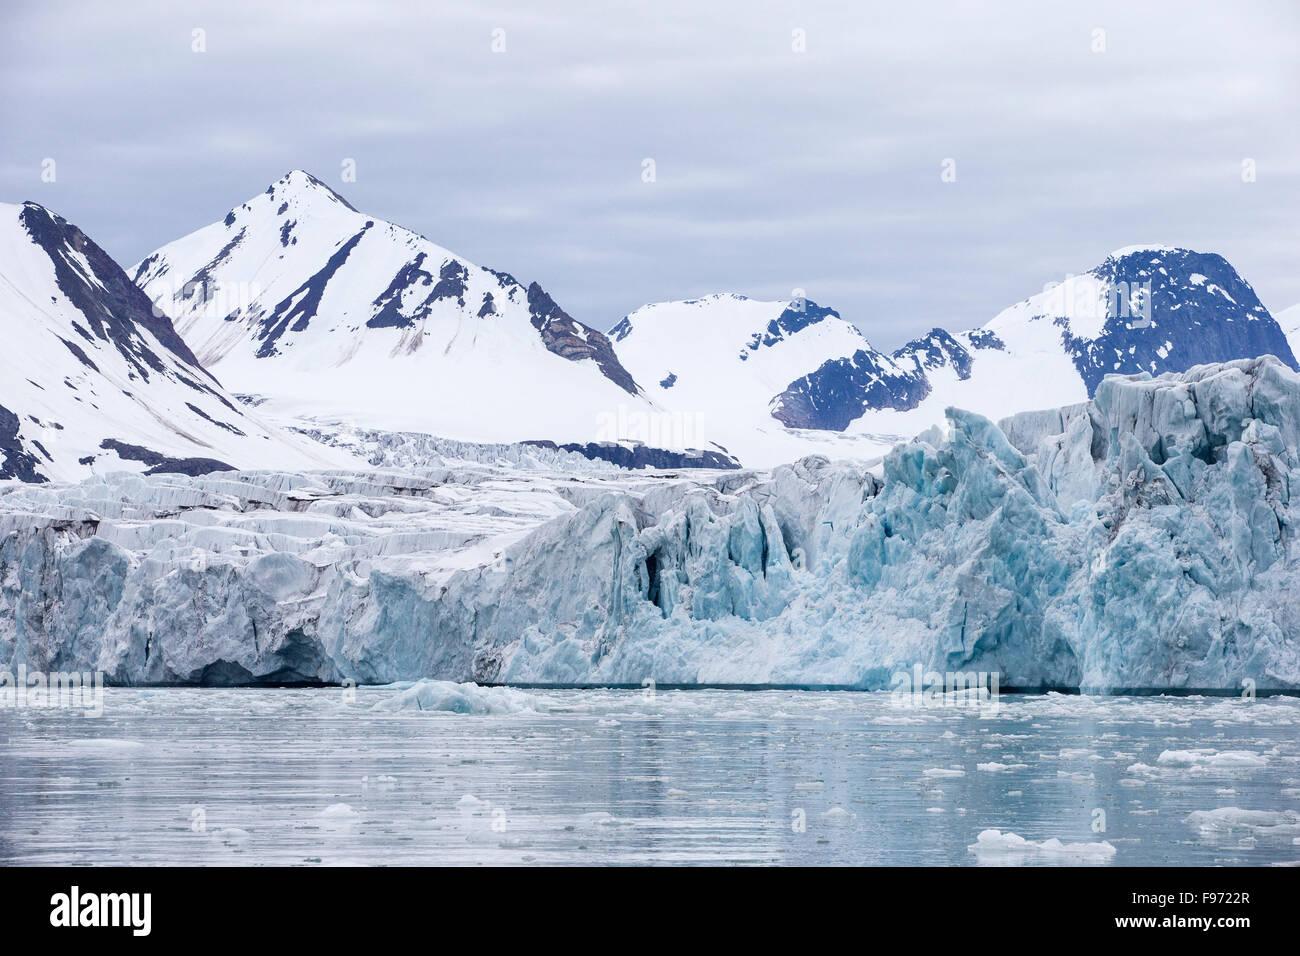 Samarinbreen Glacier, Fjord Hornsund, archipel du Svalbard, Norvège Photo Stock